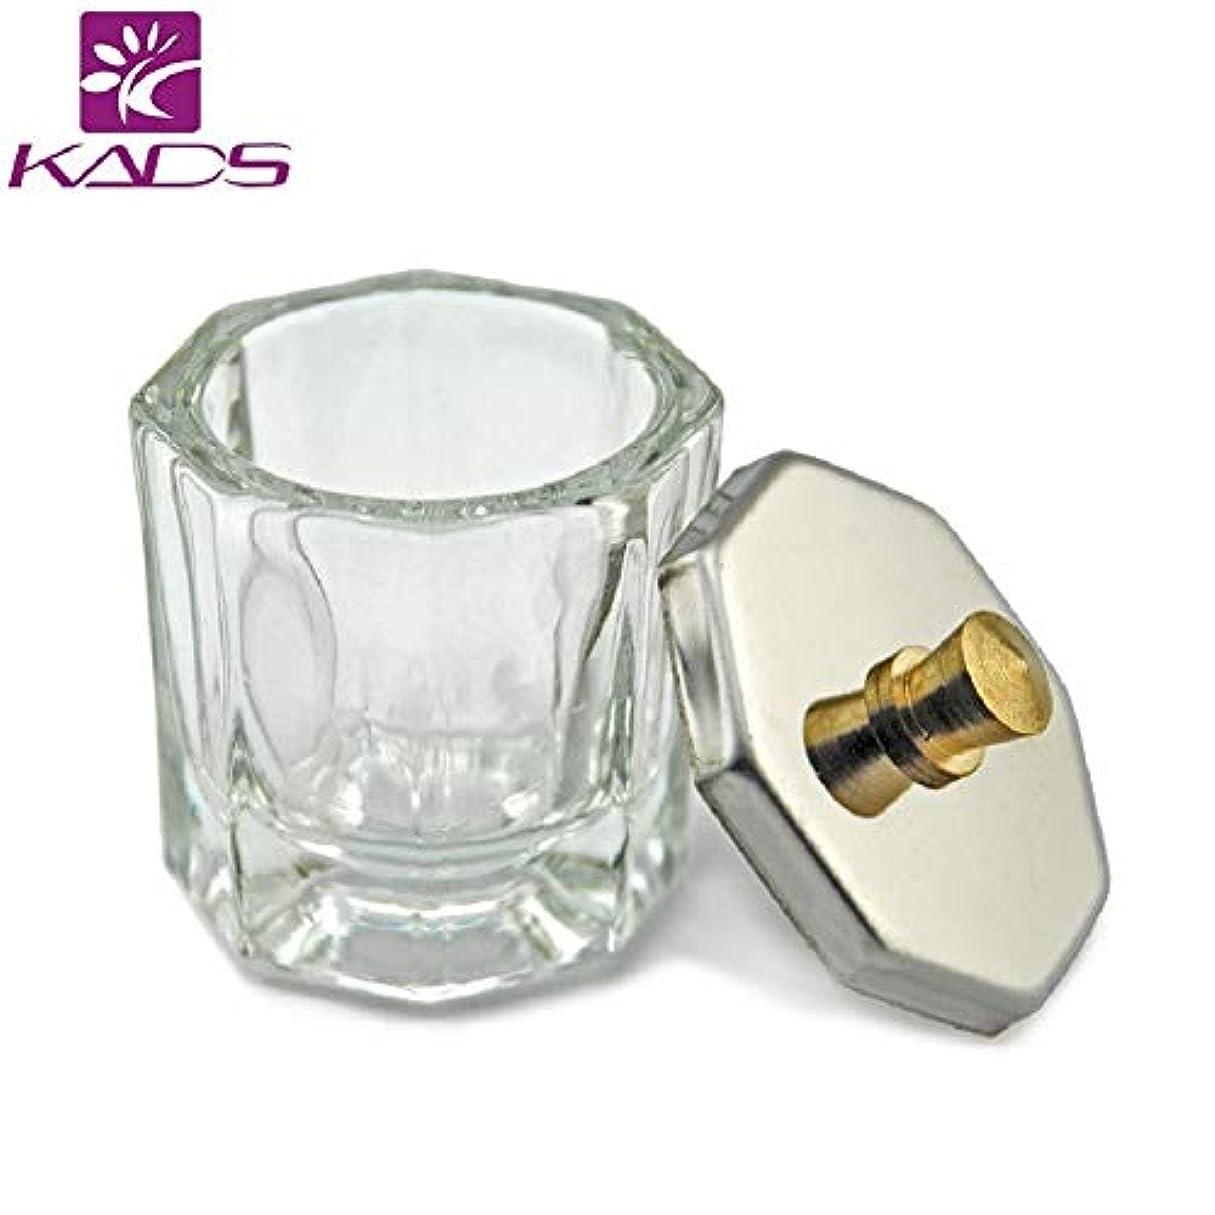 ジョージスティーブンソン自己論争の的KADS 八角形ネイルダッペンディッシュ フタ付き ガラス製 筆洗いガラス容器 ジェルネイル用筆洗浄